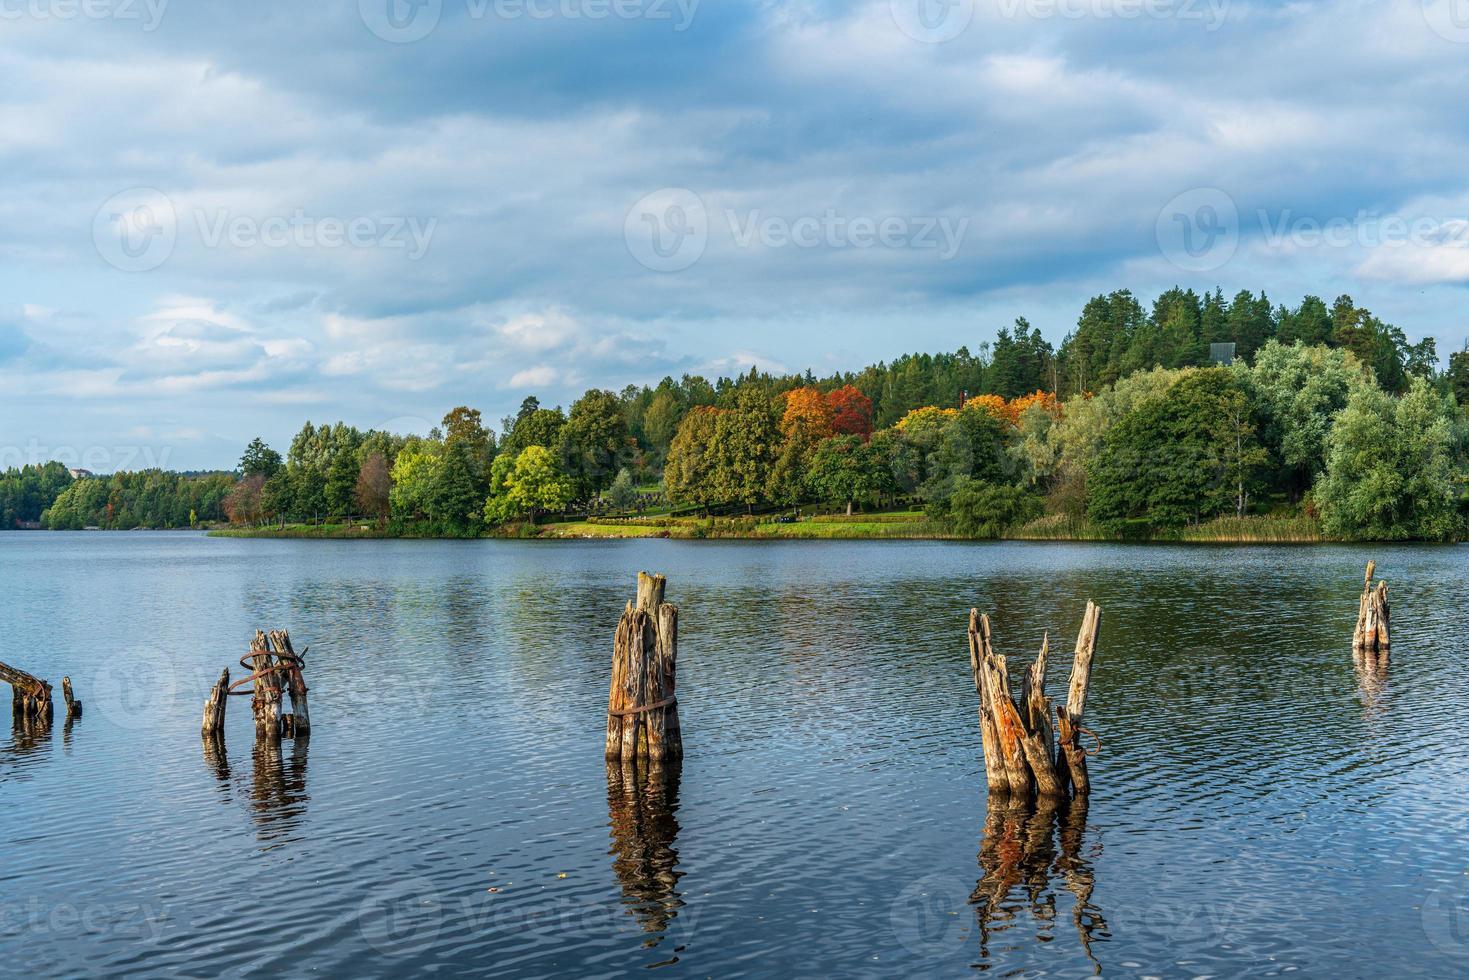 schöne Aussicht auf einen See und Bäume foto